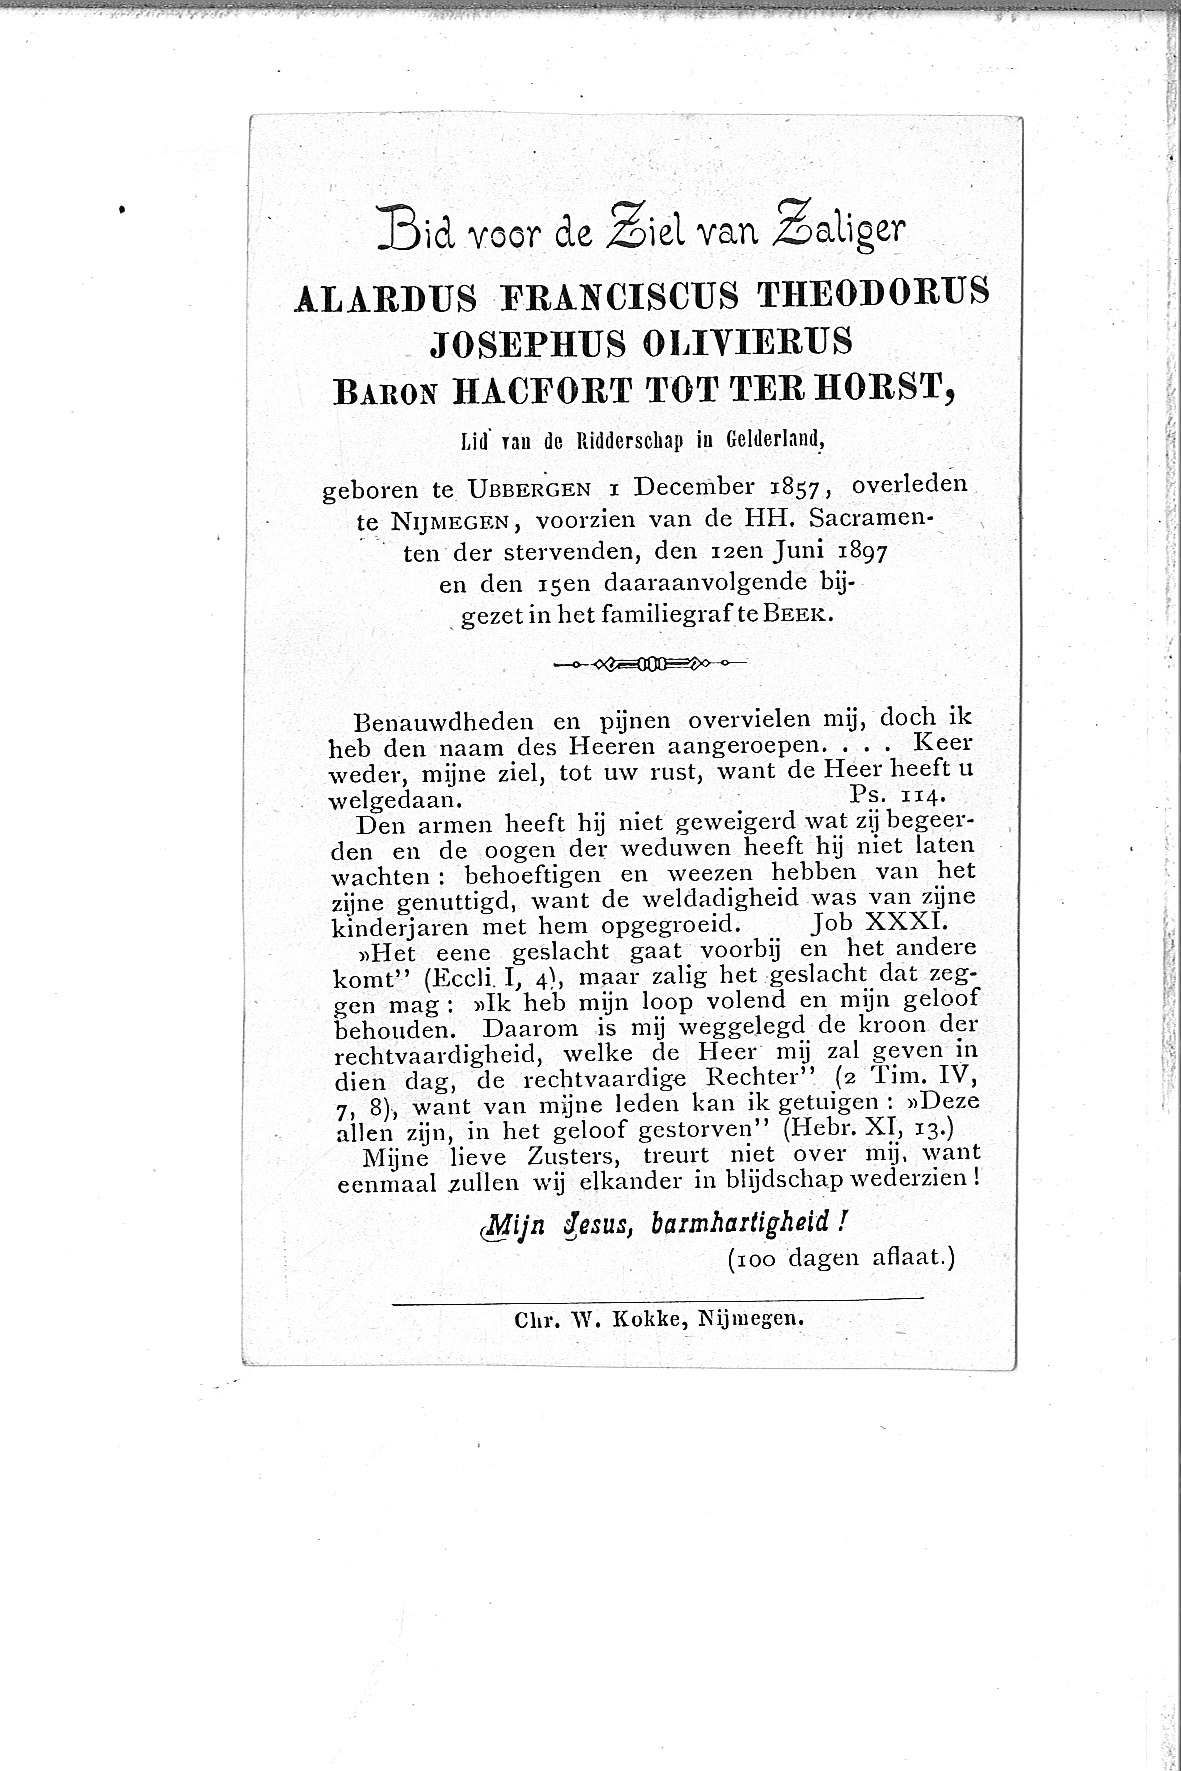 Alardus-Franciscus-Theodorus-Josephus-Olivierus-(1897)-20121116115219_00011.jpg